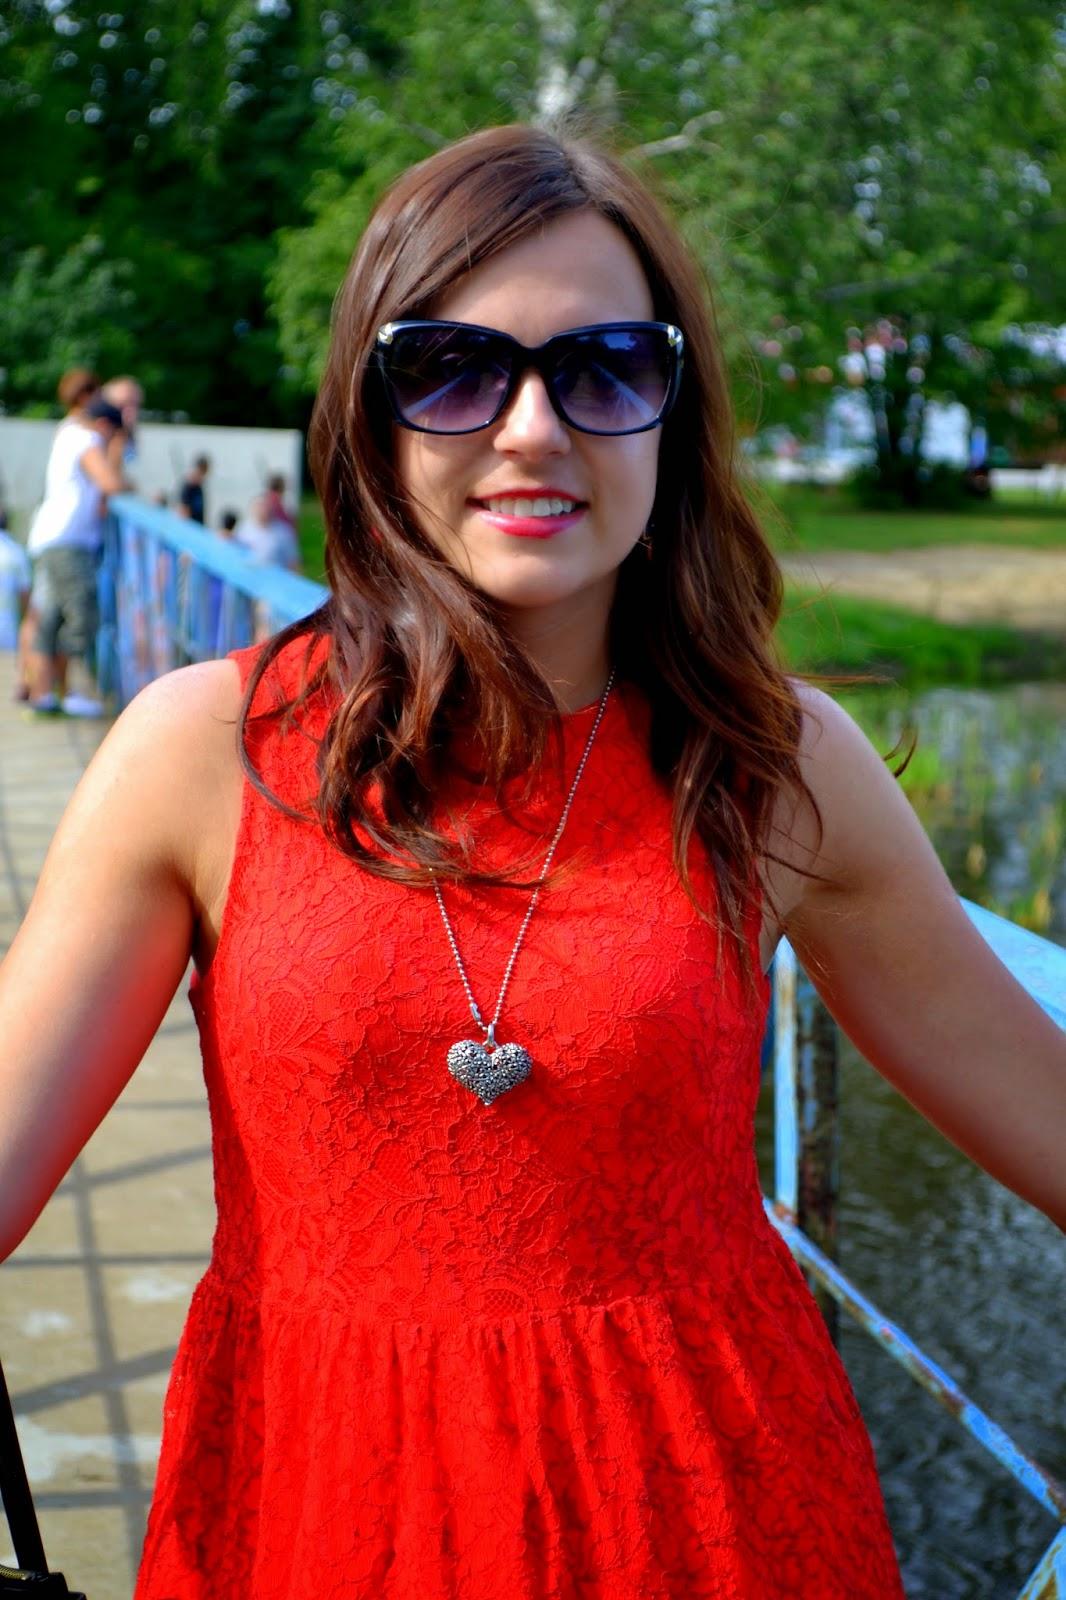 czerwona sukienka, koronkowa sukienka